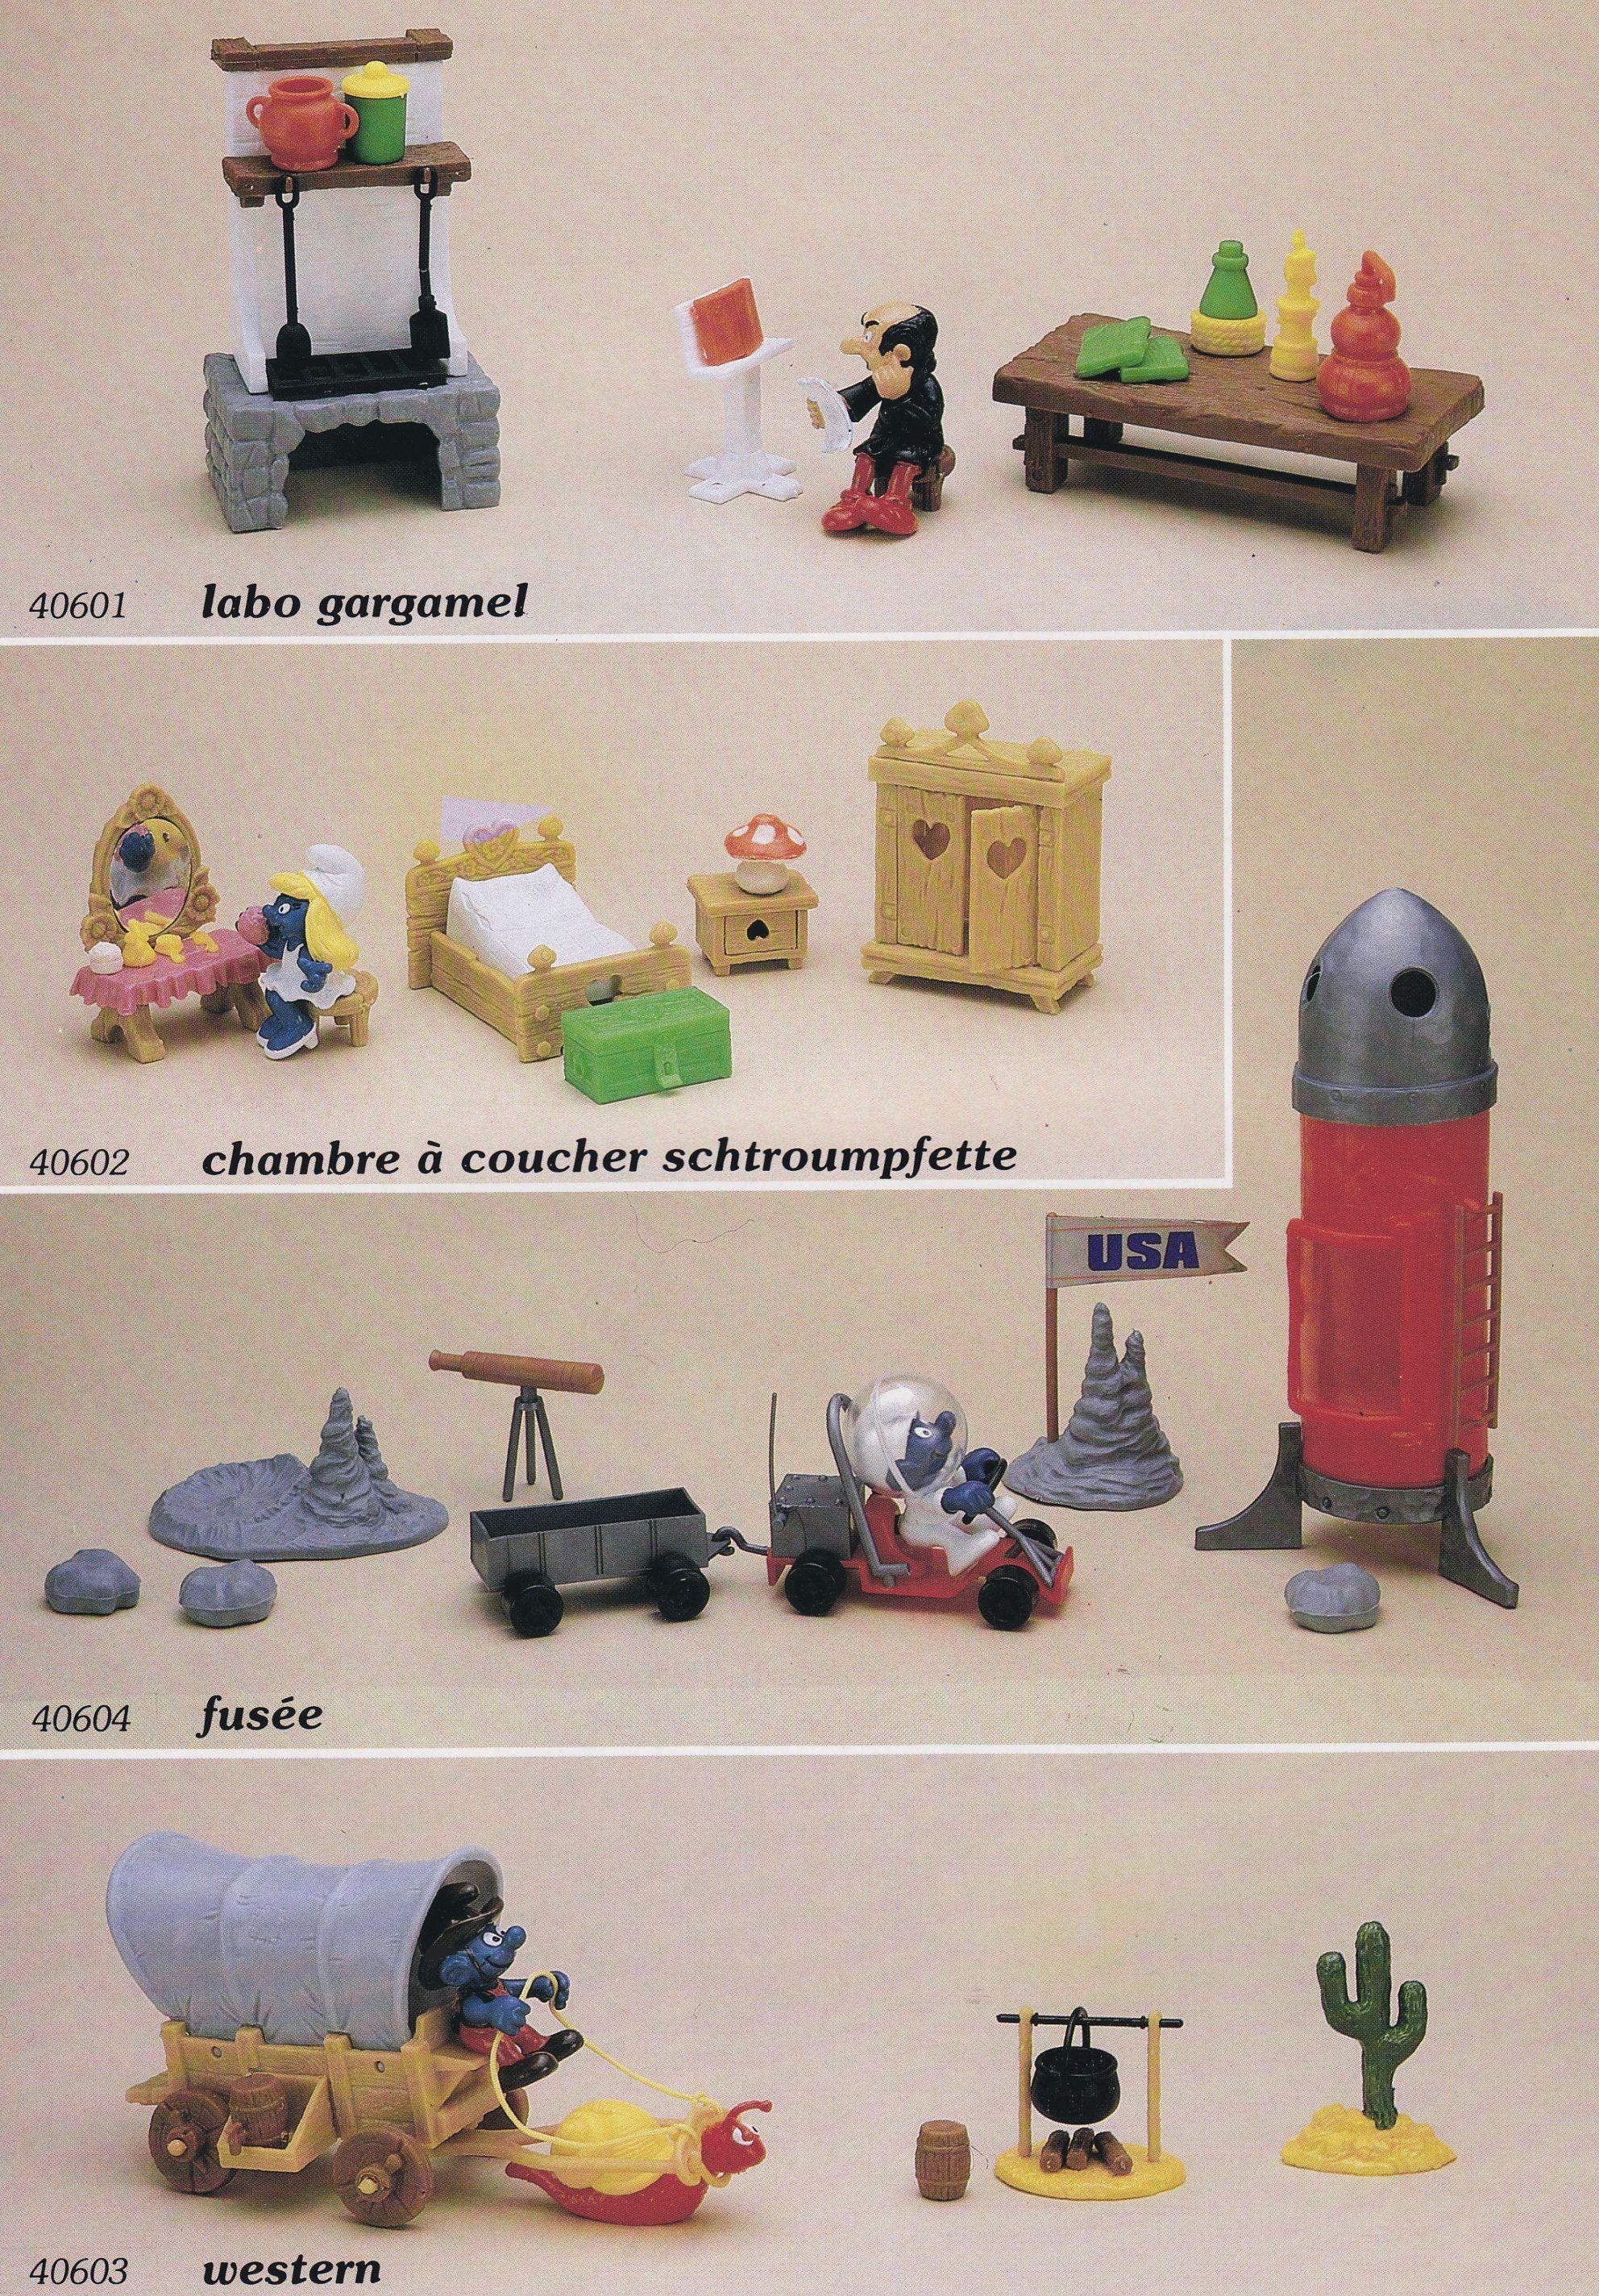 http://grenierdelatv.free.fr/2/schleich08.jpg